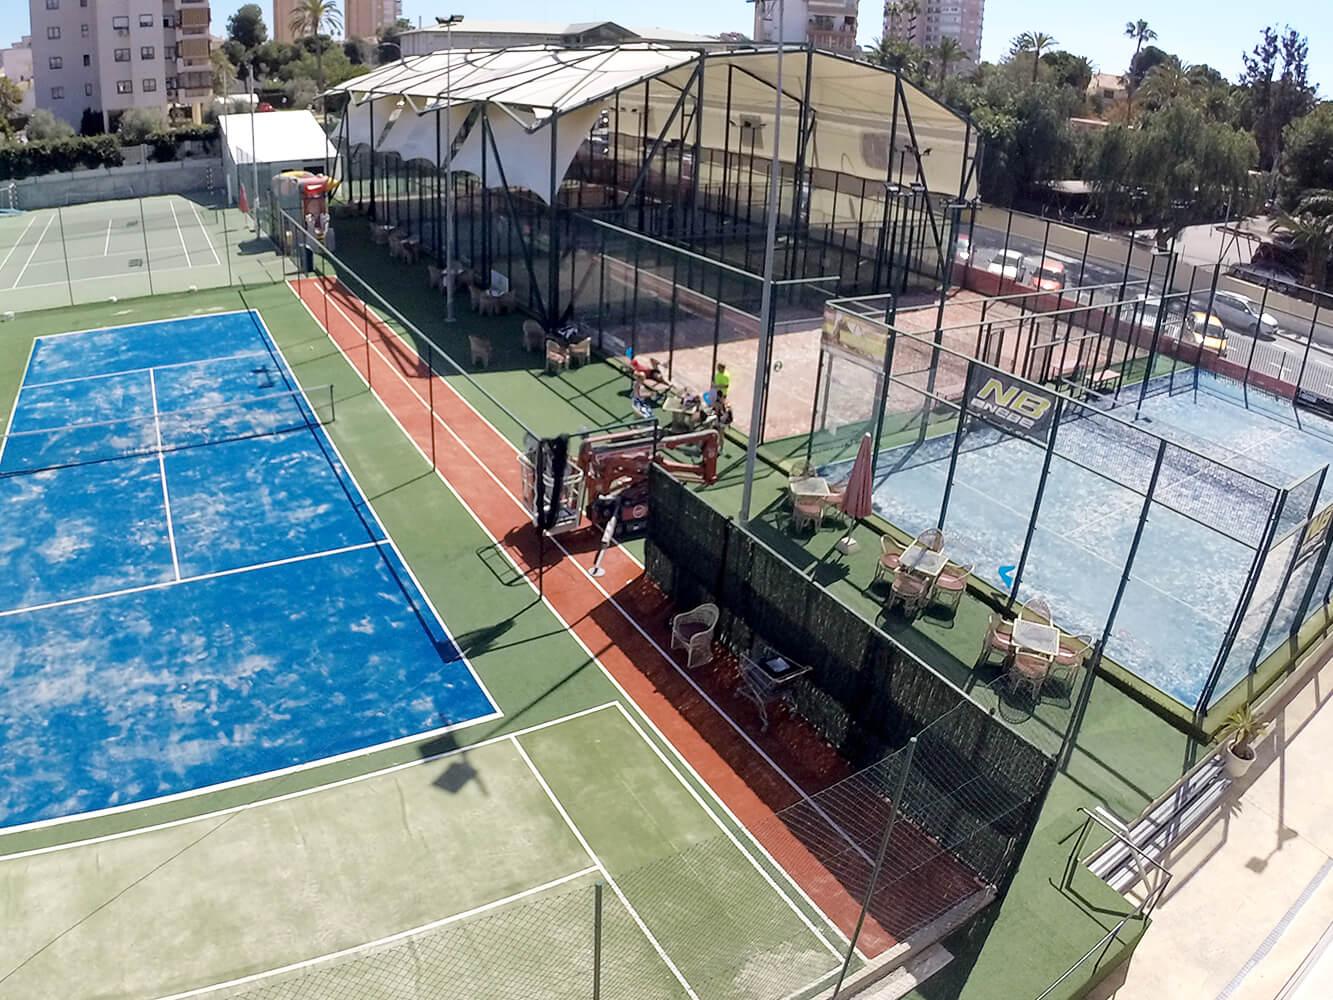 pistas-padel-tenis-stadio-instalaciones